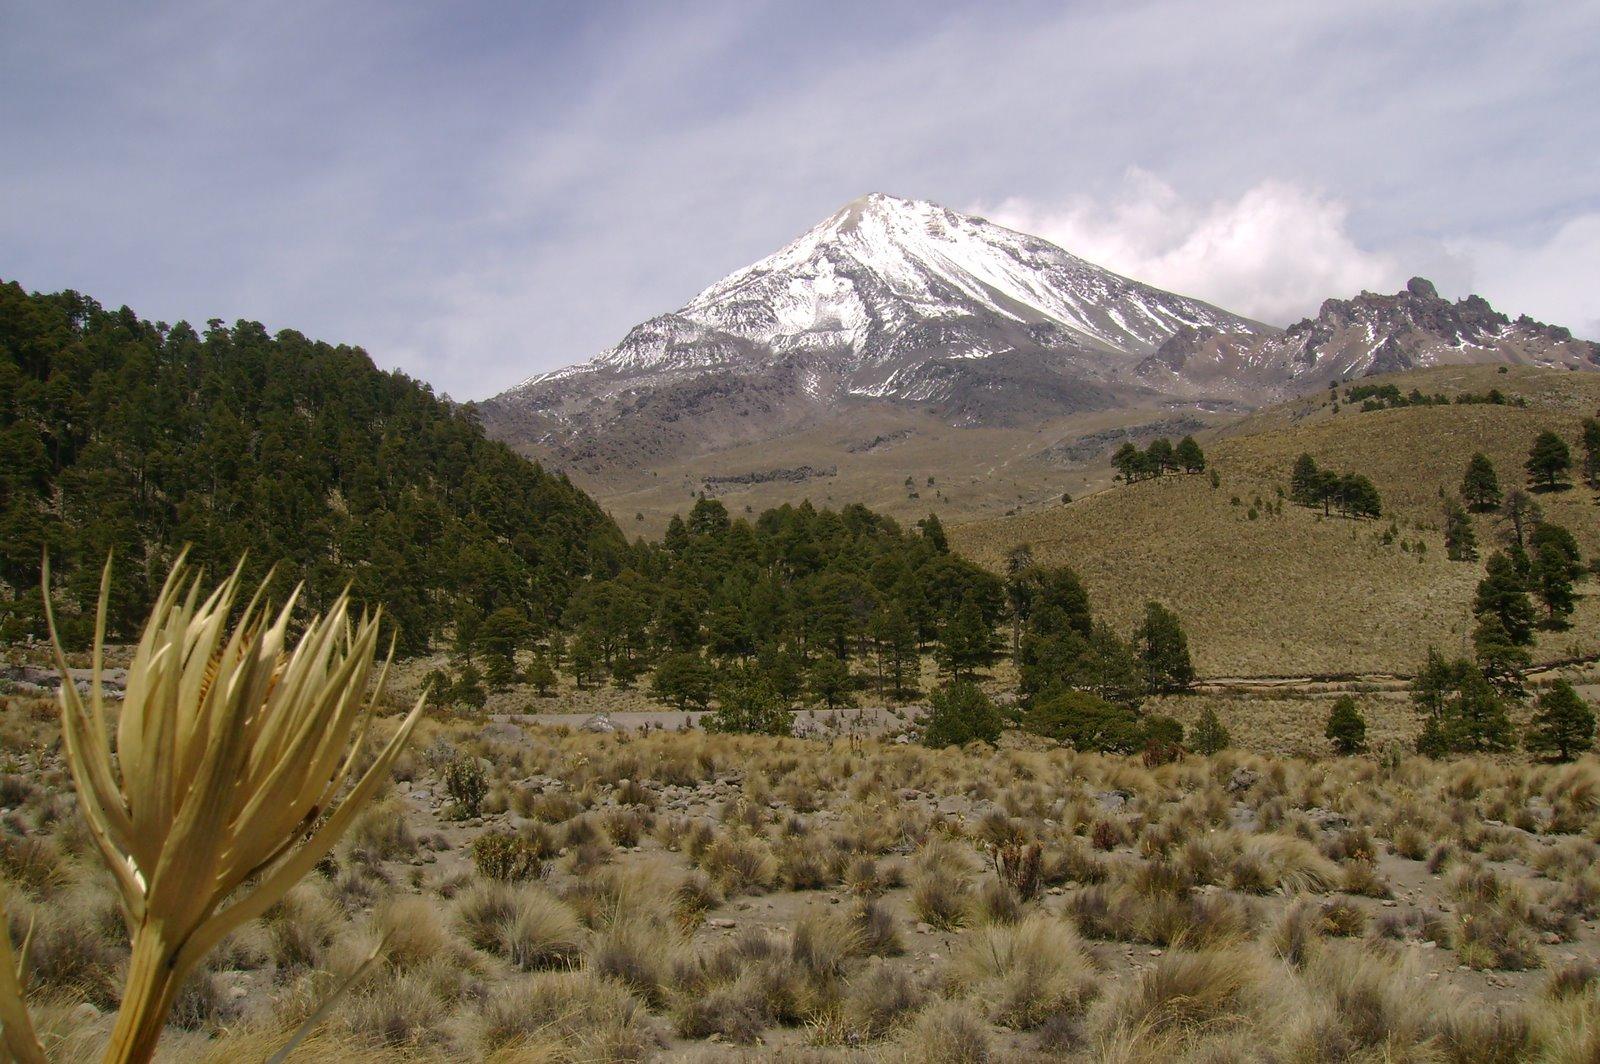 Citlatépetl, el Cerro de la Estrella, el punto más alto de México